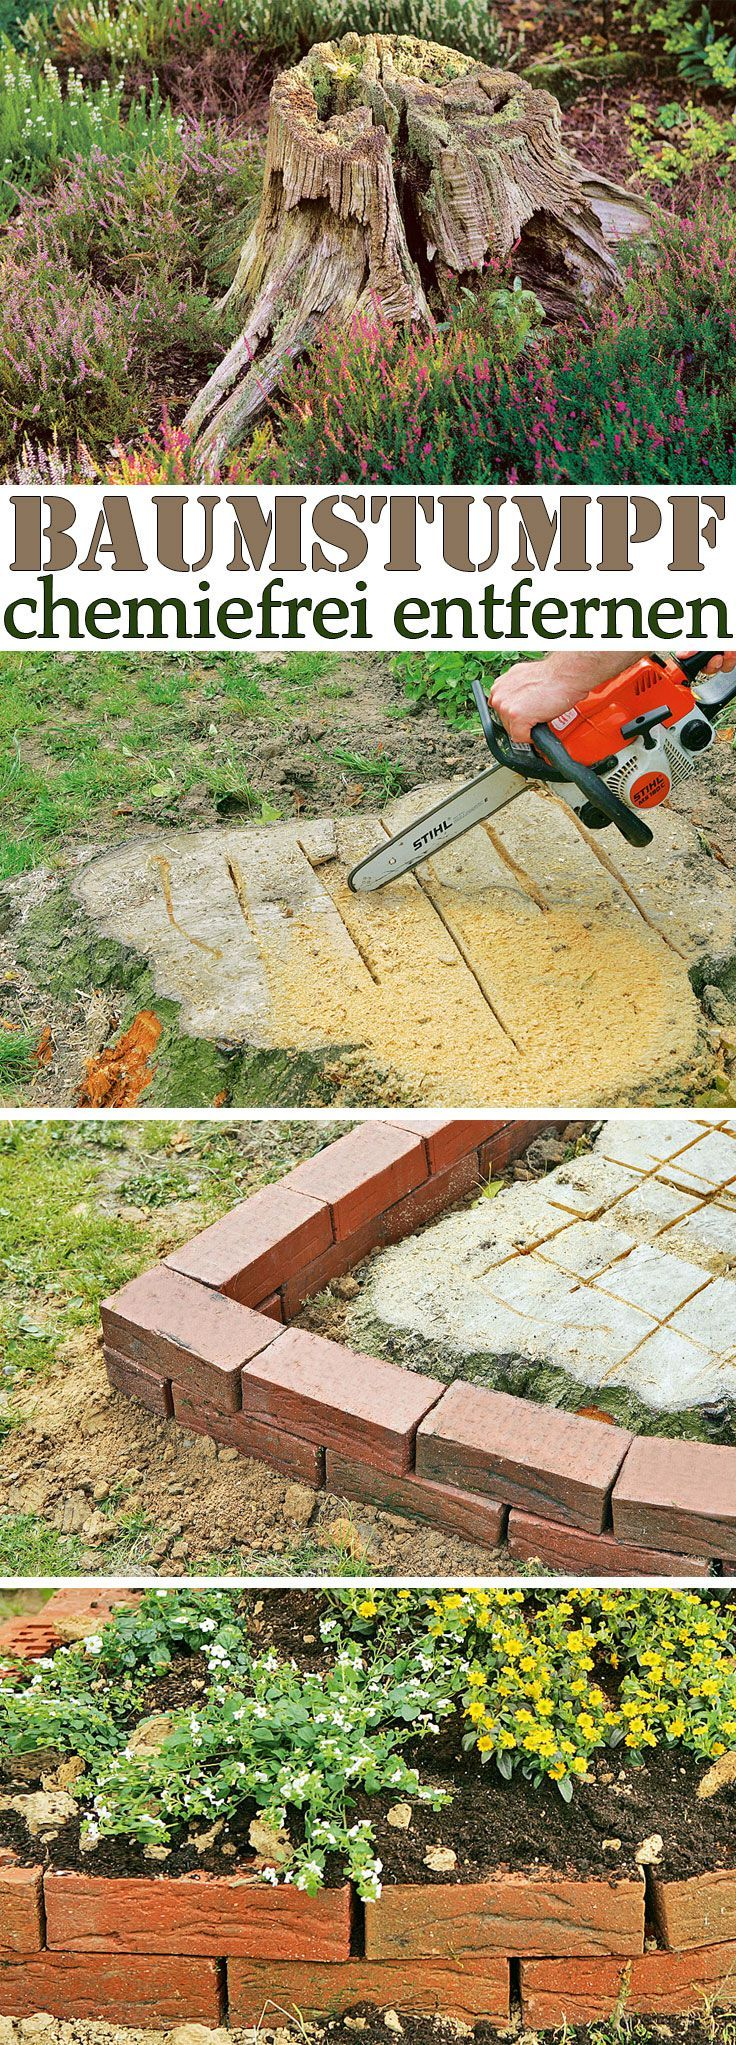 Einen Baum zu fällen ist nicht schwer – die Wurzel entfernen dafür umso mehr. Den Stumpf kann man allerdings auch chemiefrei entfernen. Wir zeigen, wie du den Baumstumpf einfach und ohne viel Arbeit loswirst.